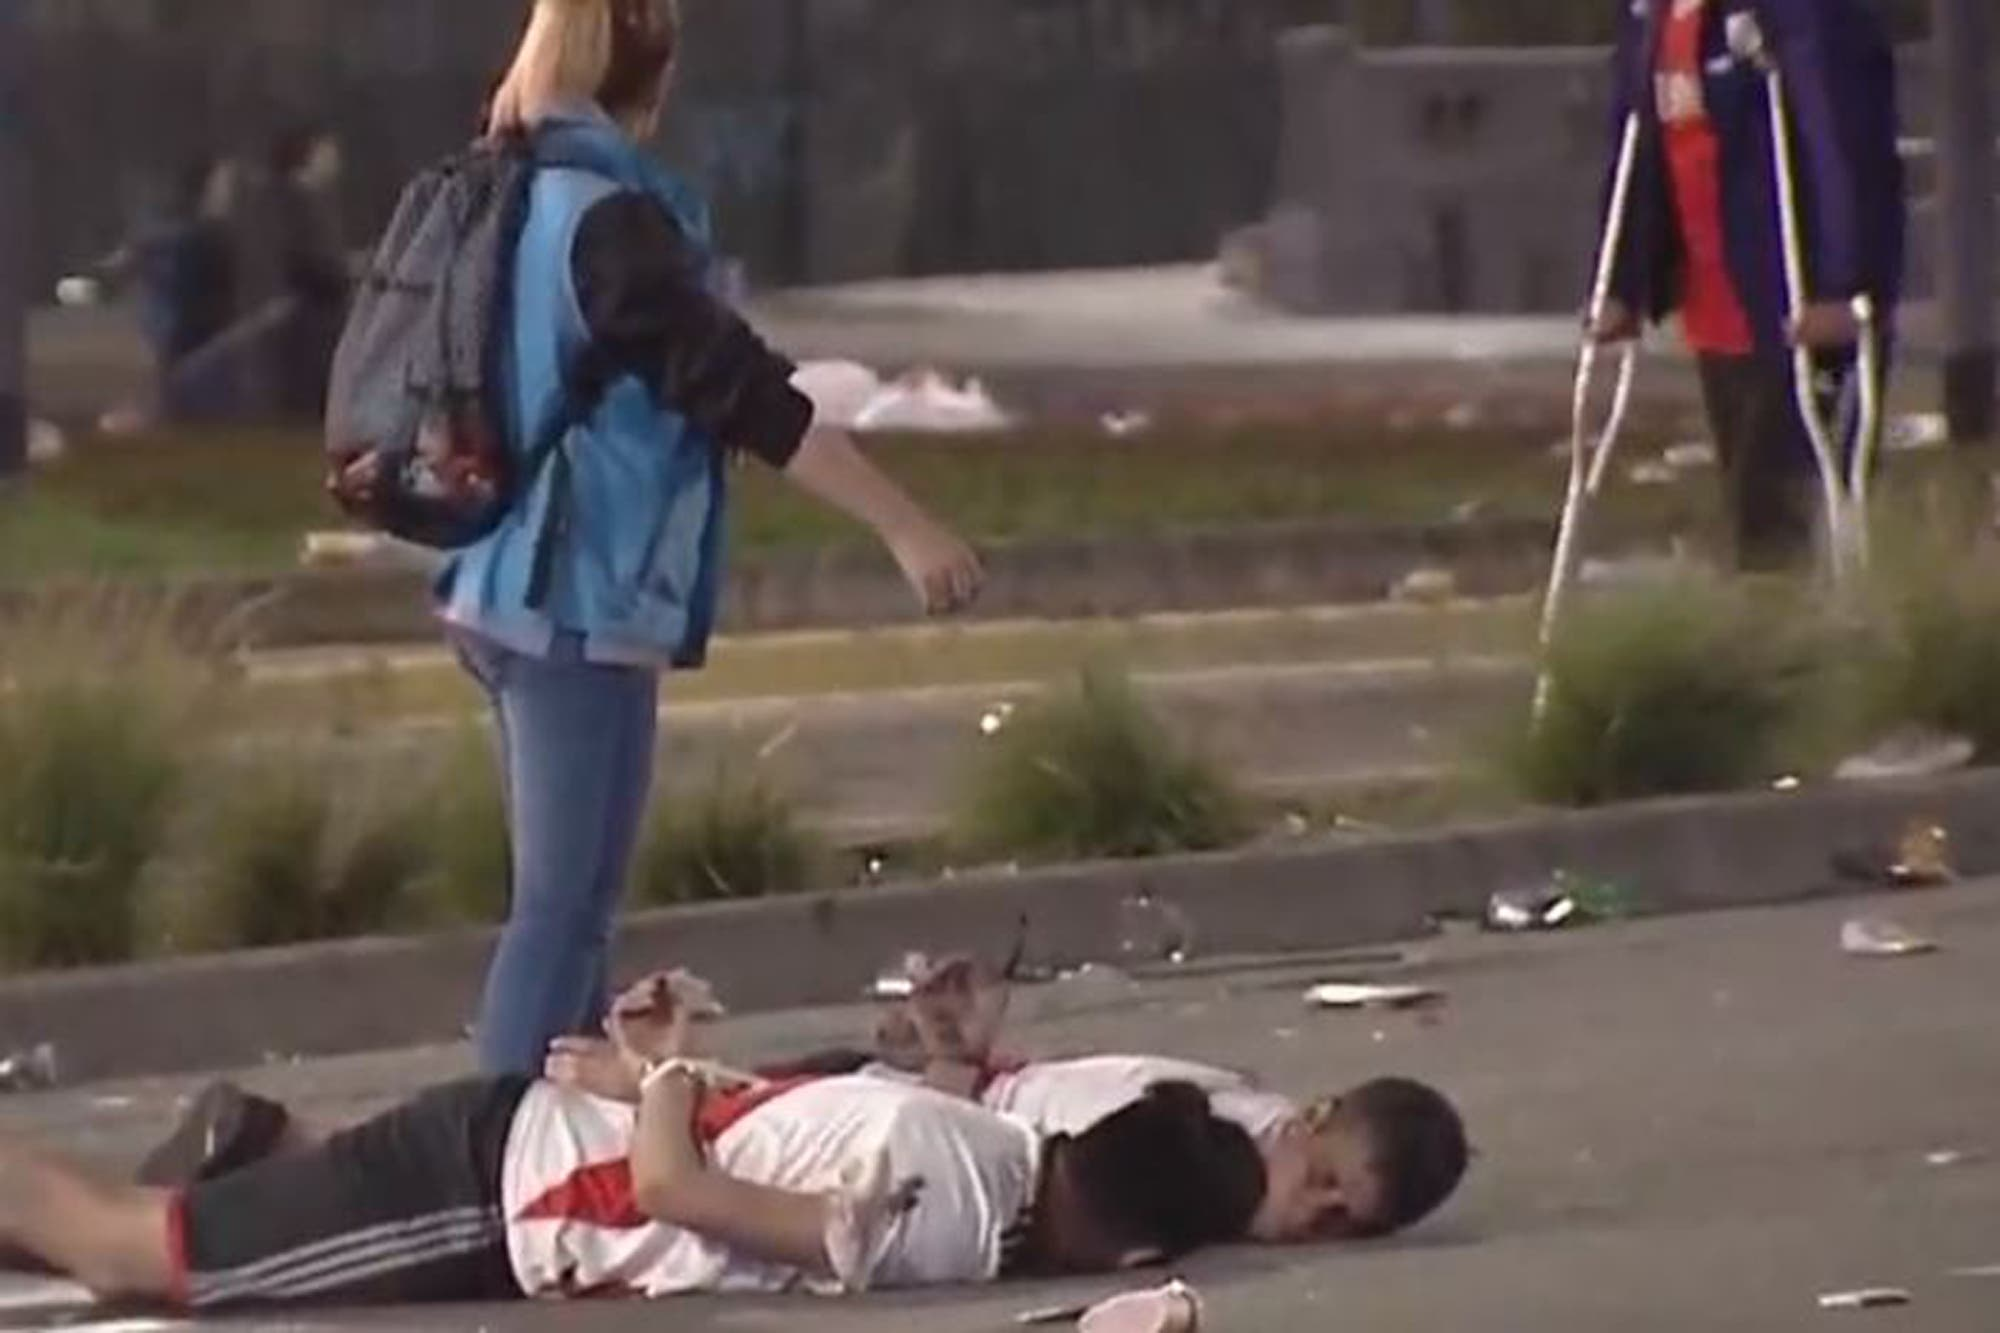 Copa Libertadores: los festejos en el Obelisco terminaron con incidentes, detenidos y policías heridos